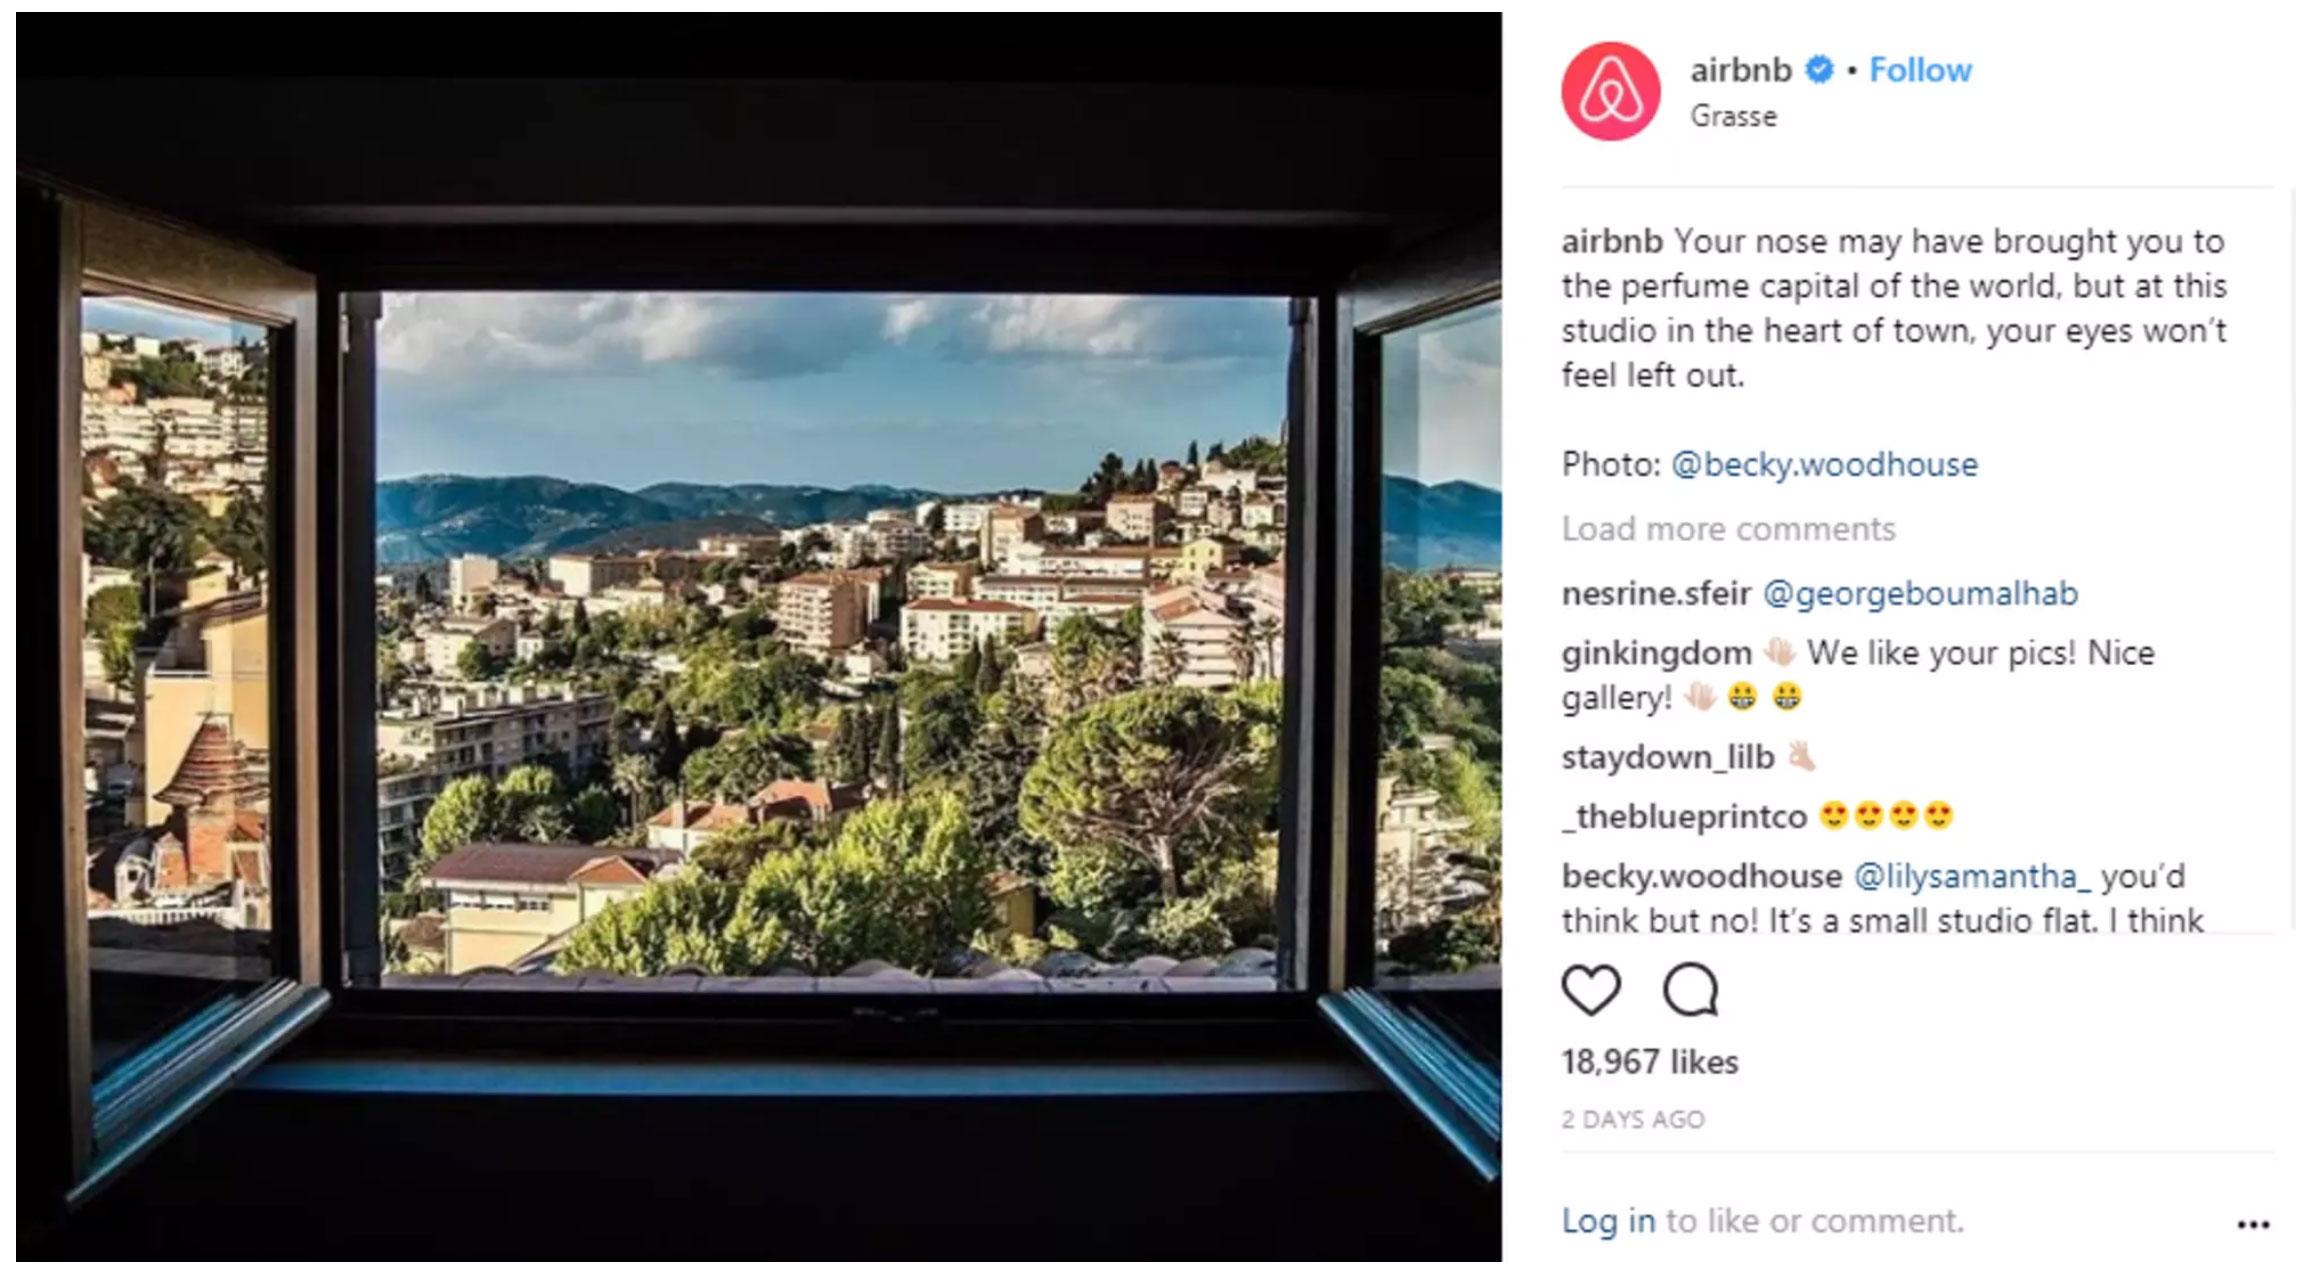 انتشار محتوای تولید شده توسط کاربر شما رو به یک تعامل مفید سوق میده. Airbnb عکسی که کاربرش گرفته رو در صفحه رسمی خودش نمایش میده.